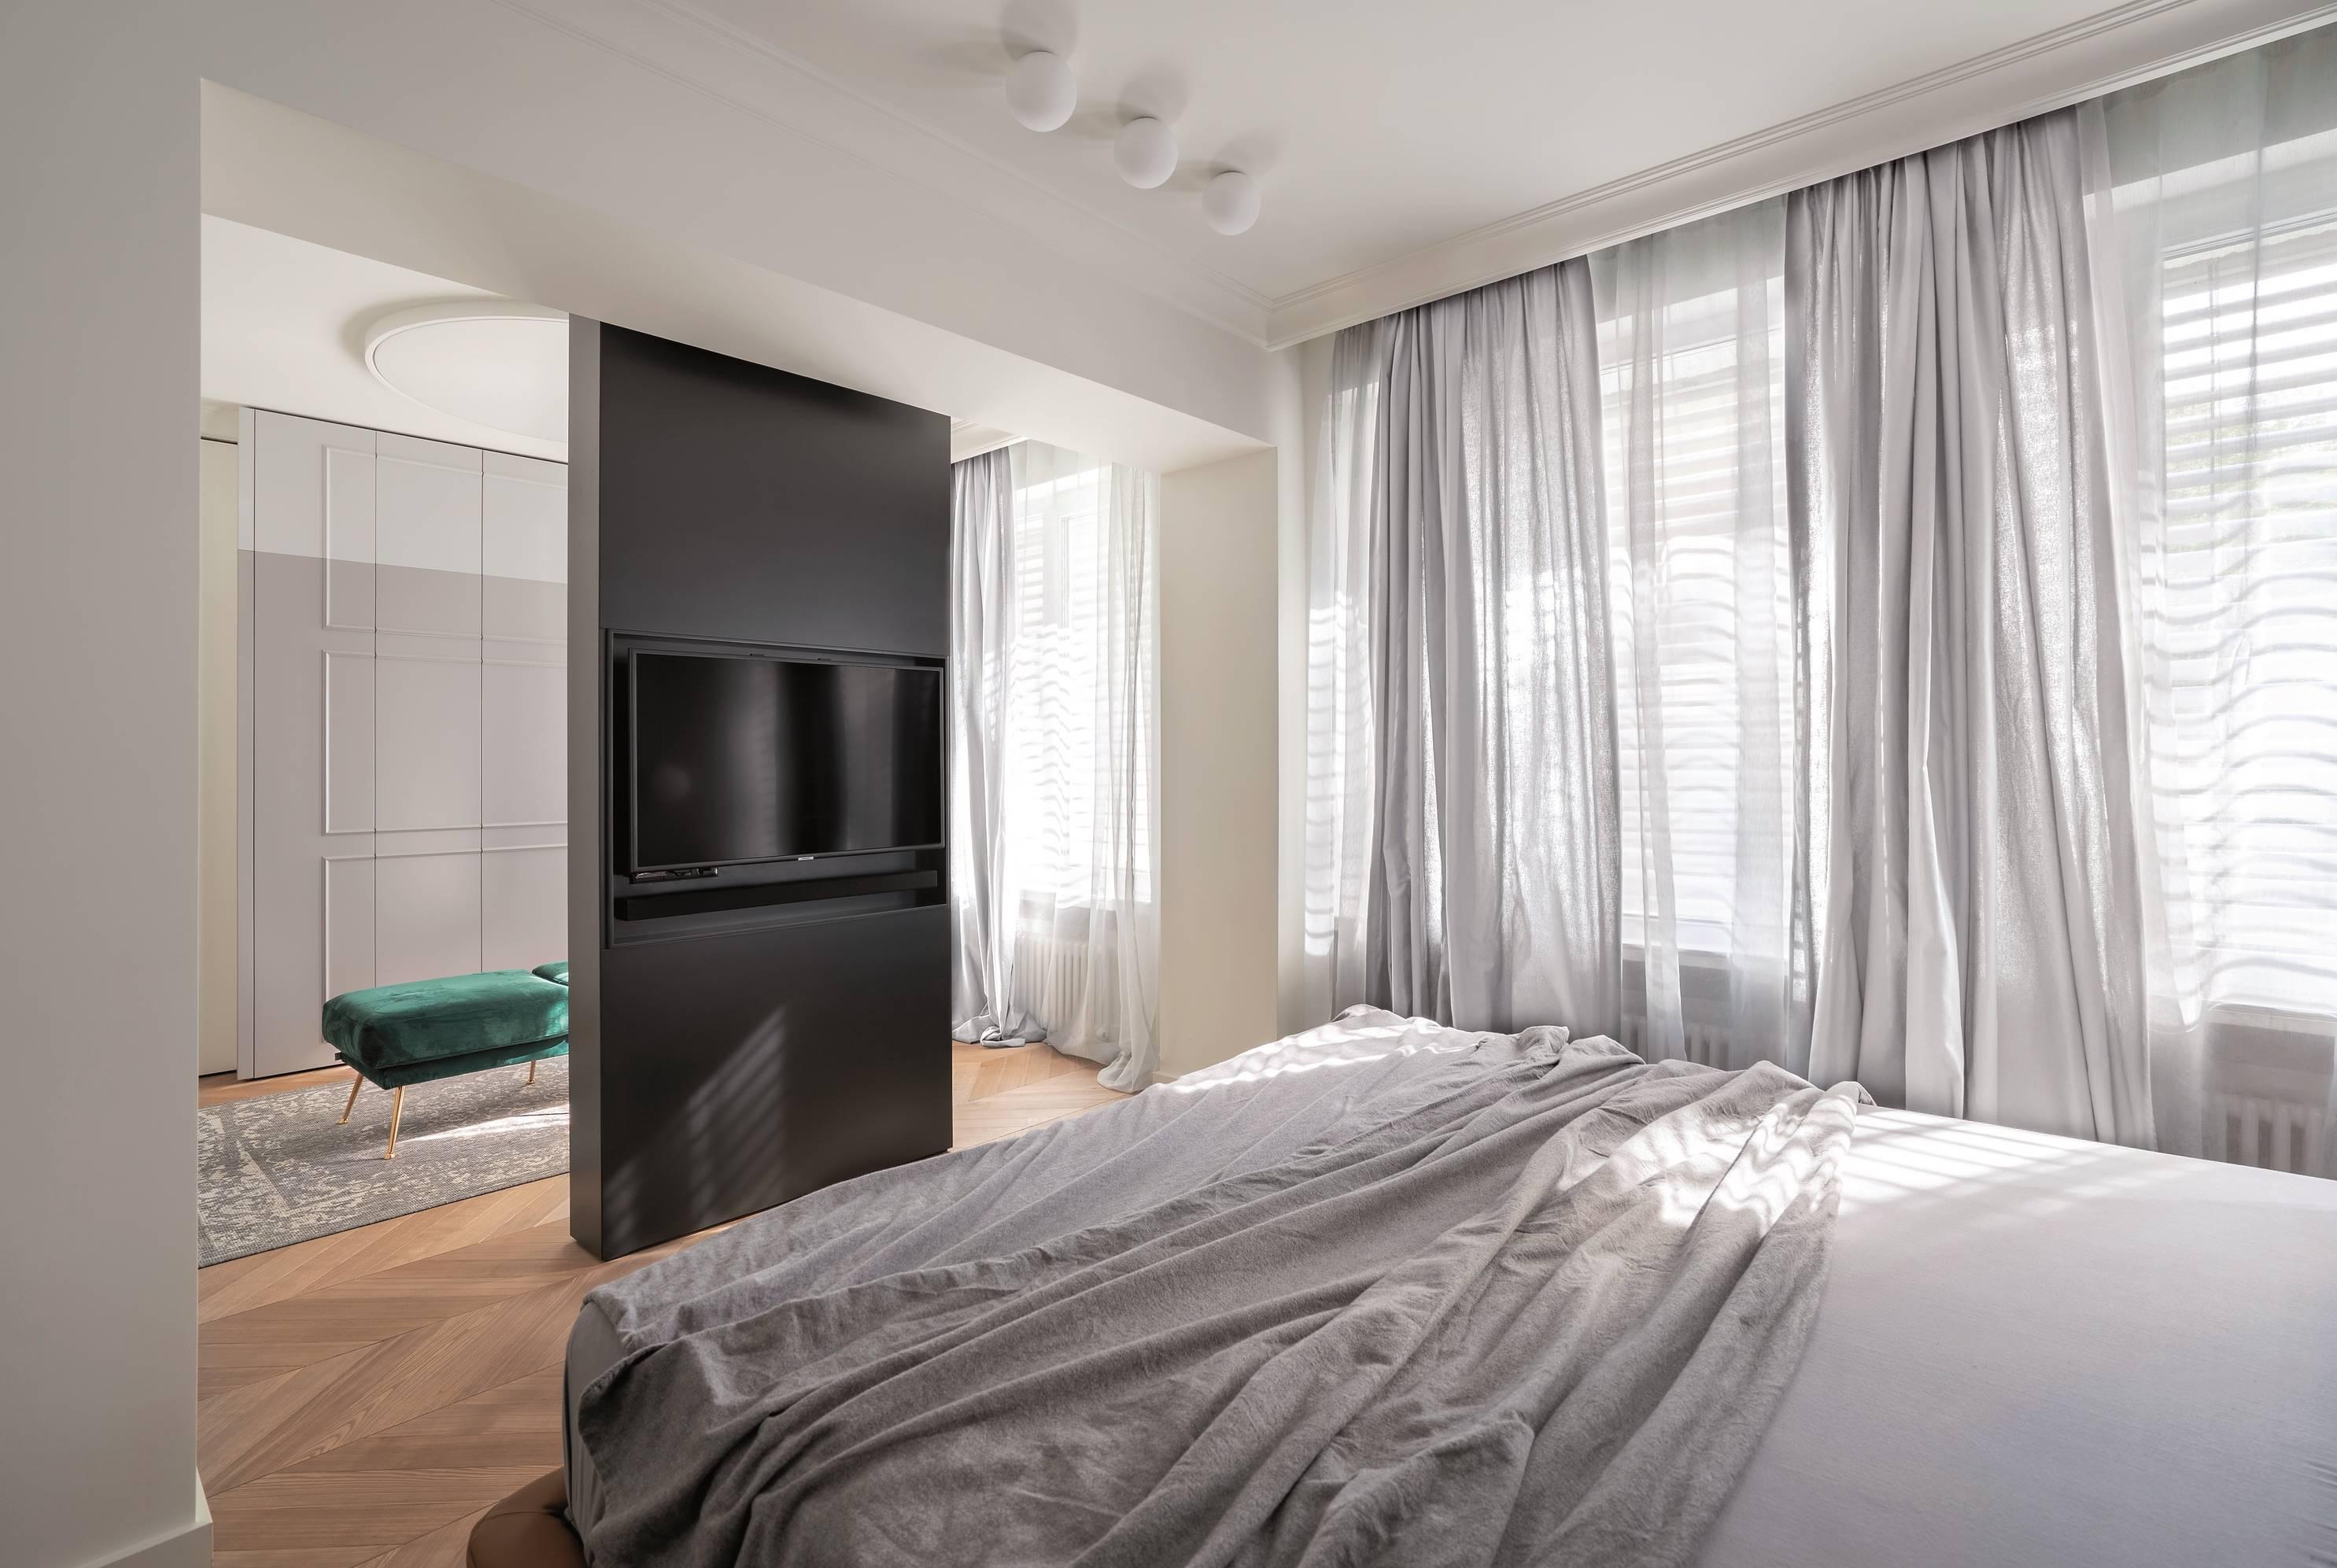 Основната спалня е на мястото на две от старите стаи, едната превърната в гардеробна. Лежанката и леглото са от Sklada, нощни лампите лампи са на Flos (Martineli)